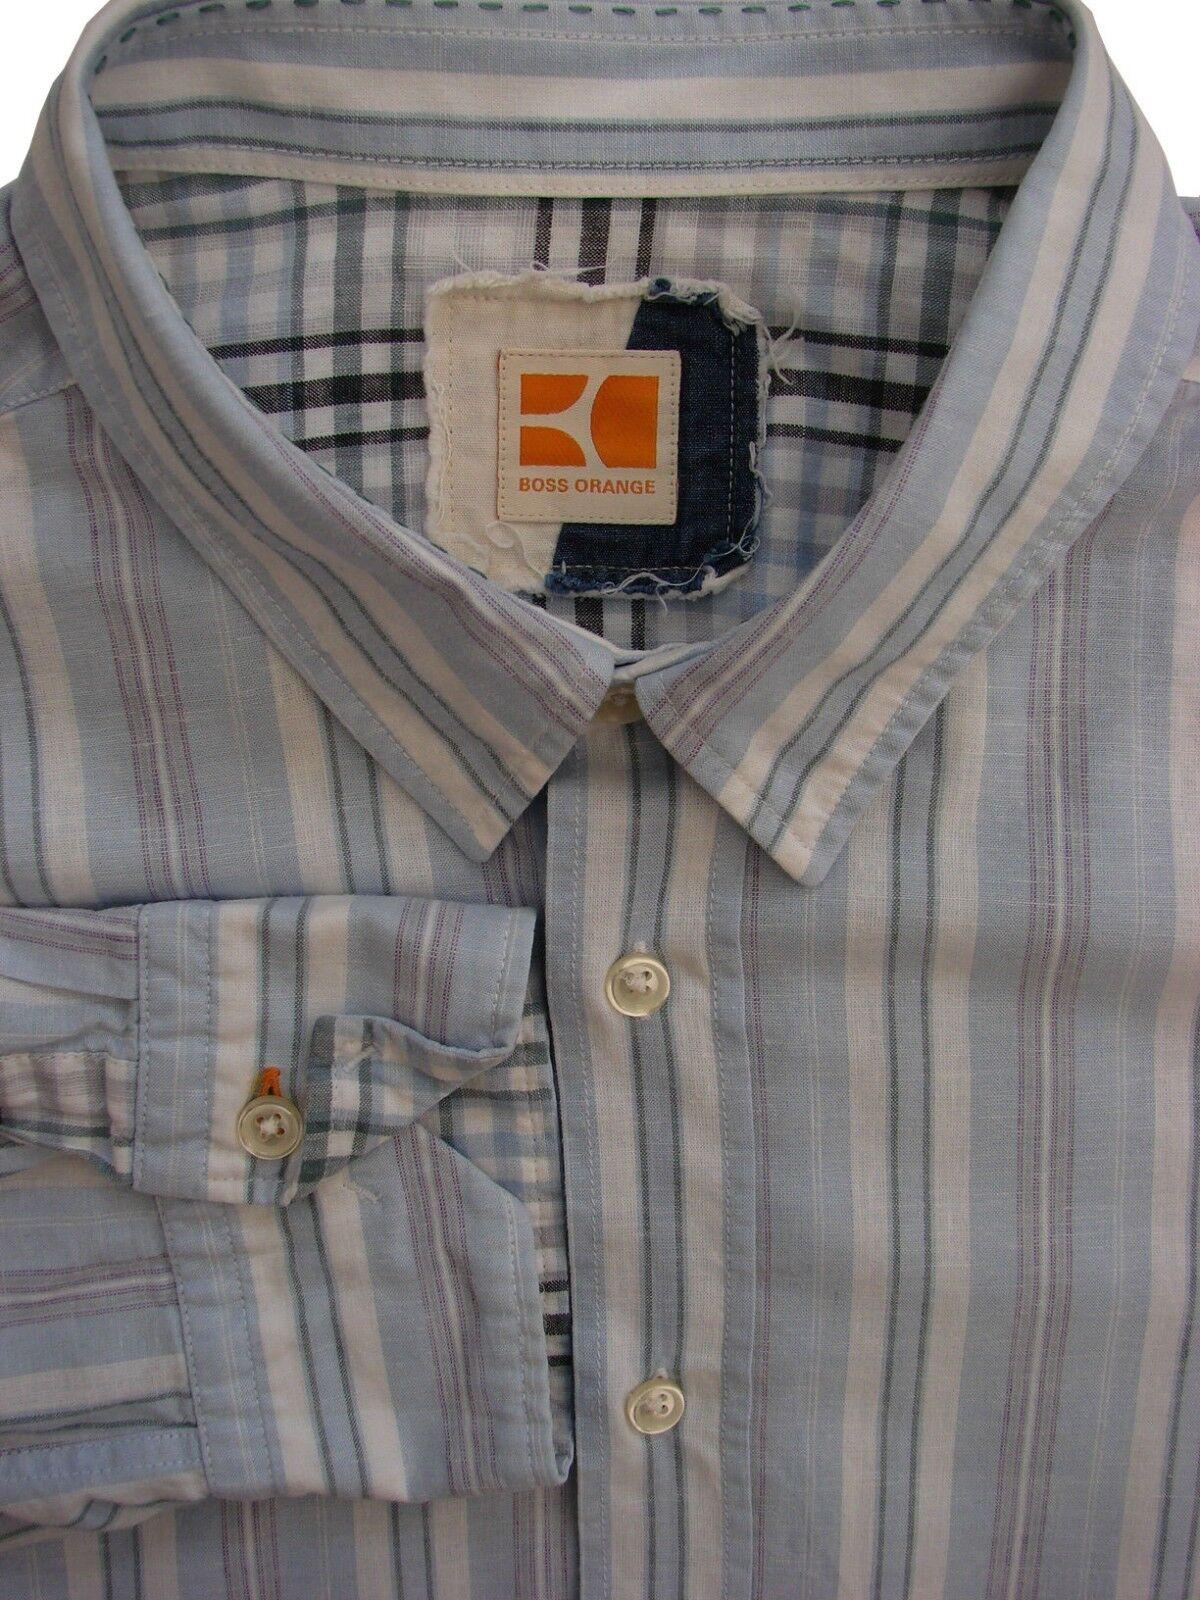 HUGO BOSS Orange Shirt Mens 17 XL Light Blau - Weiß & Multi-Colourot Stripes     | Praktisch Und Wirtschaftlich  | Genialität  | Praktisch Und Wirtschaftlich